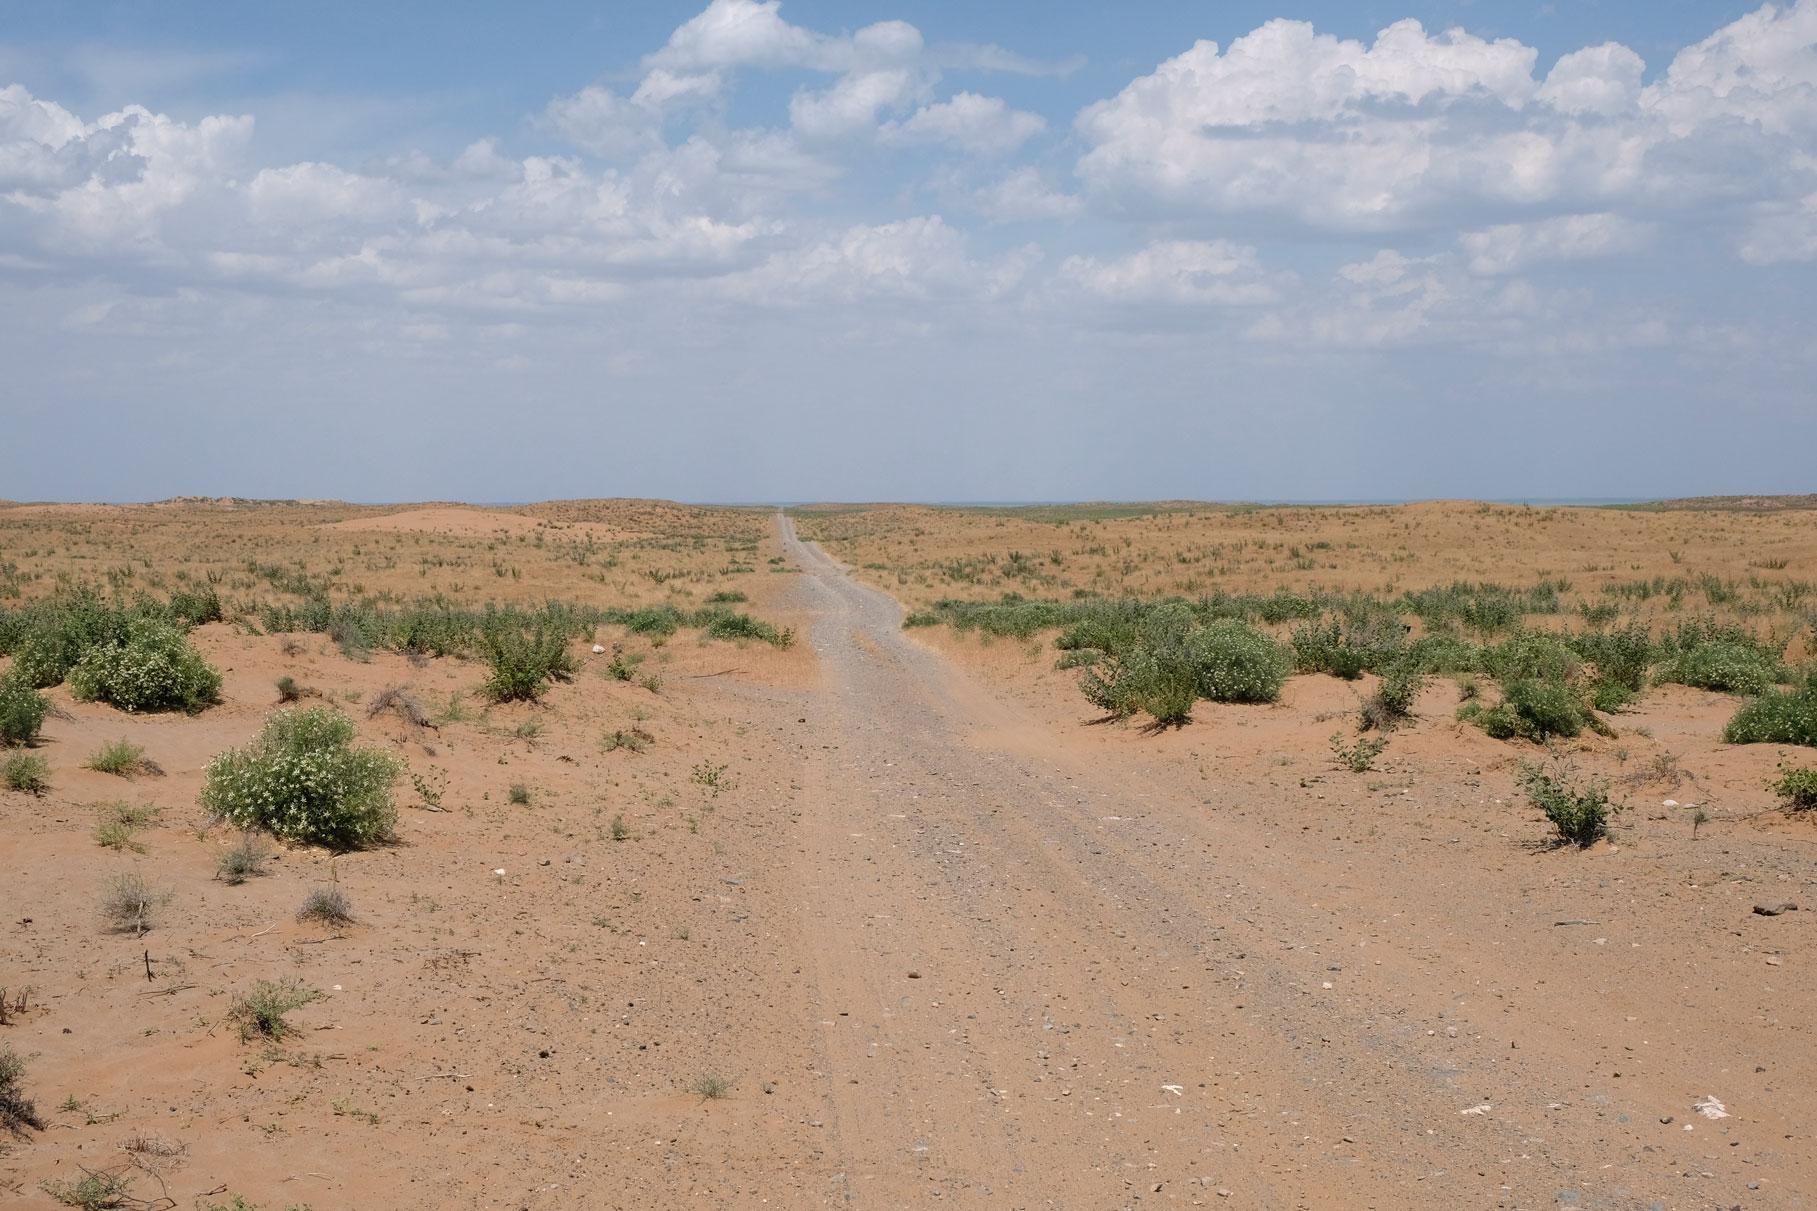 Staubpiste in Richtung Aydarkol